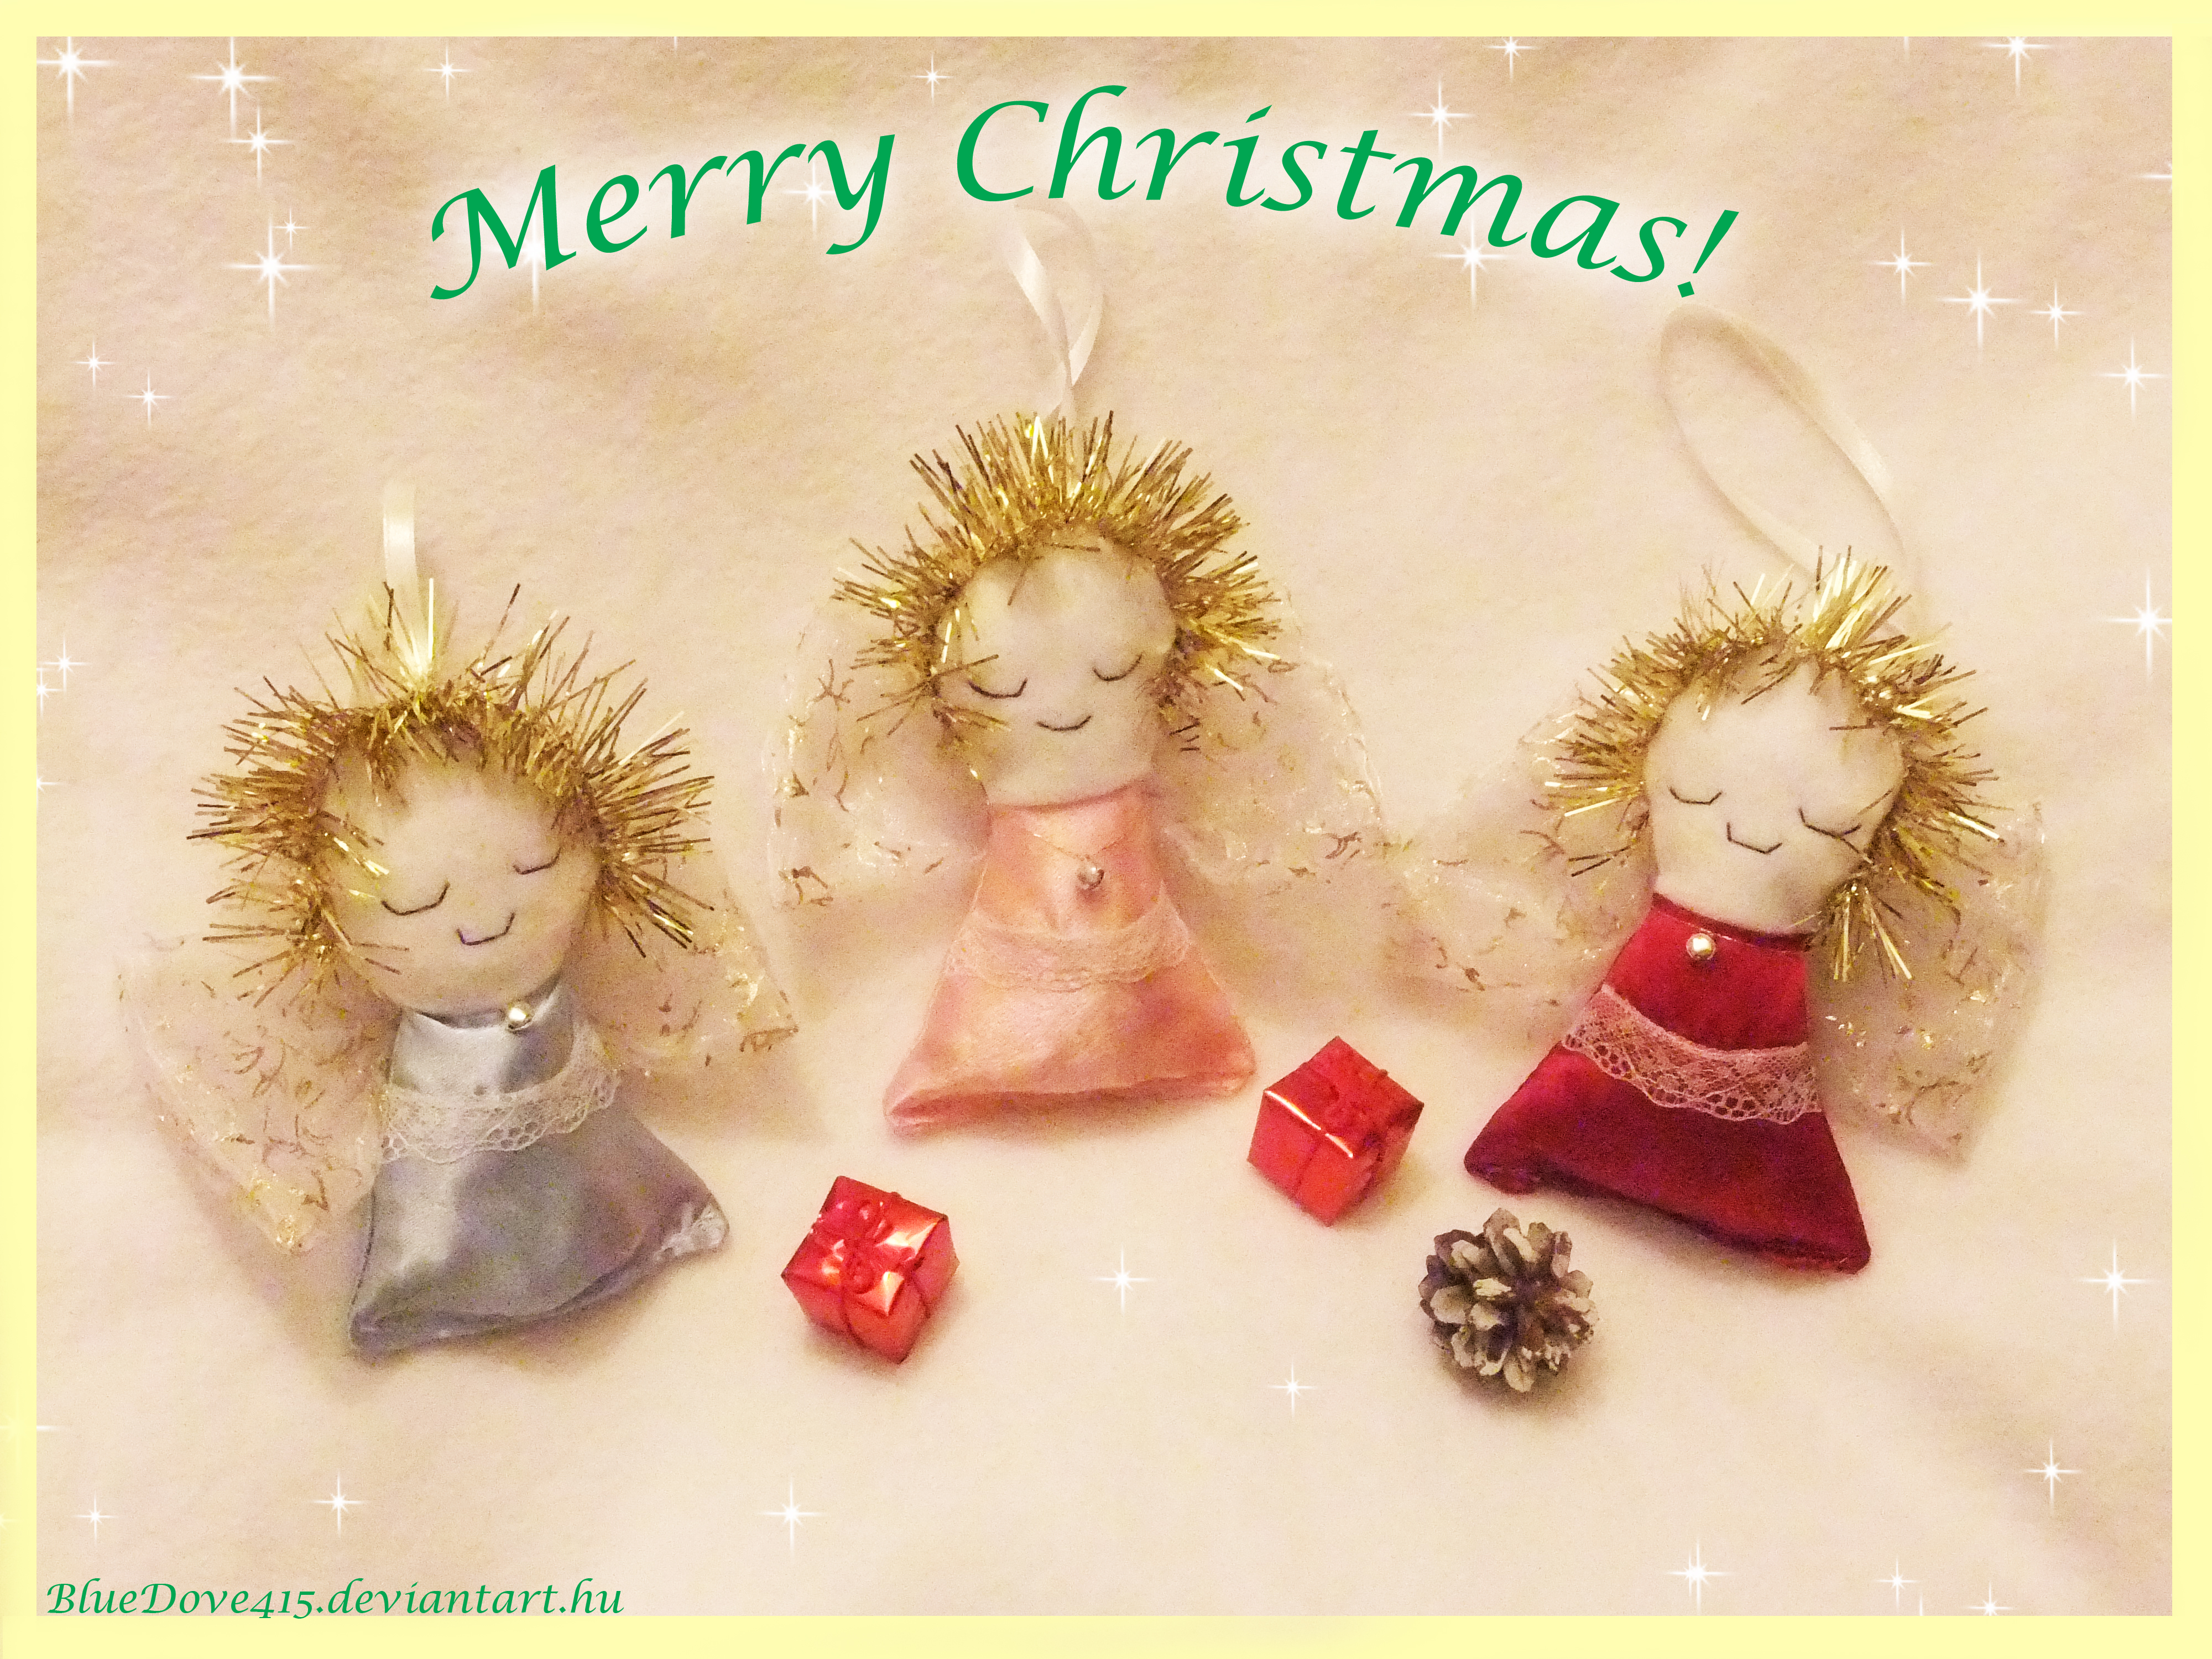 te propongo una serie de econmicas para navidad seguro que les encantarn a los ms pequeos de la casa te animas y echas un vistazo